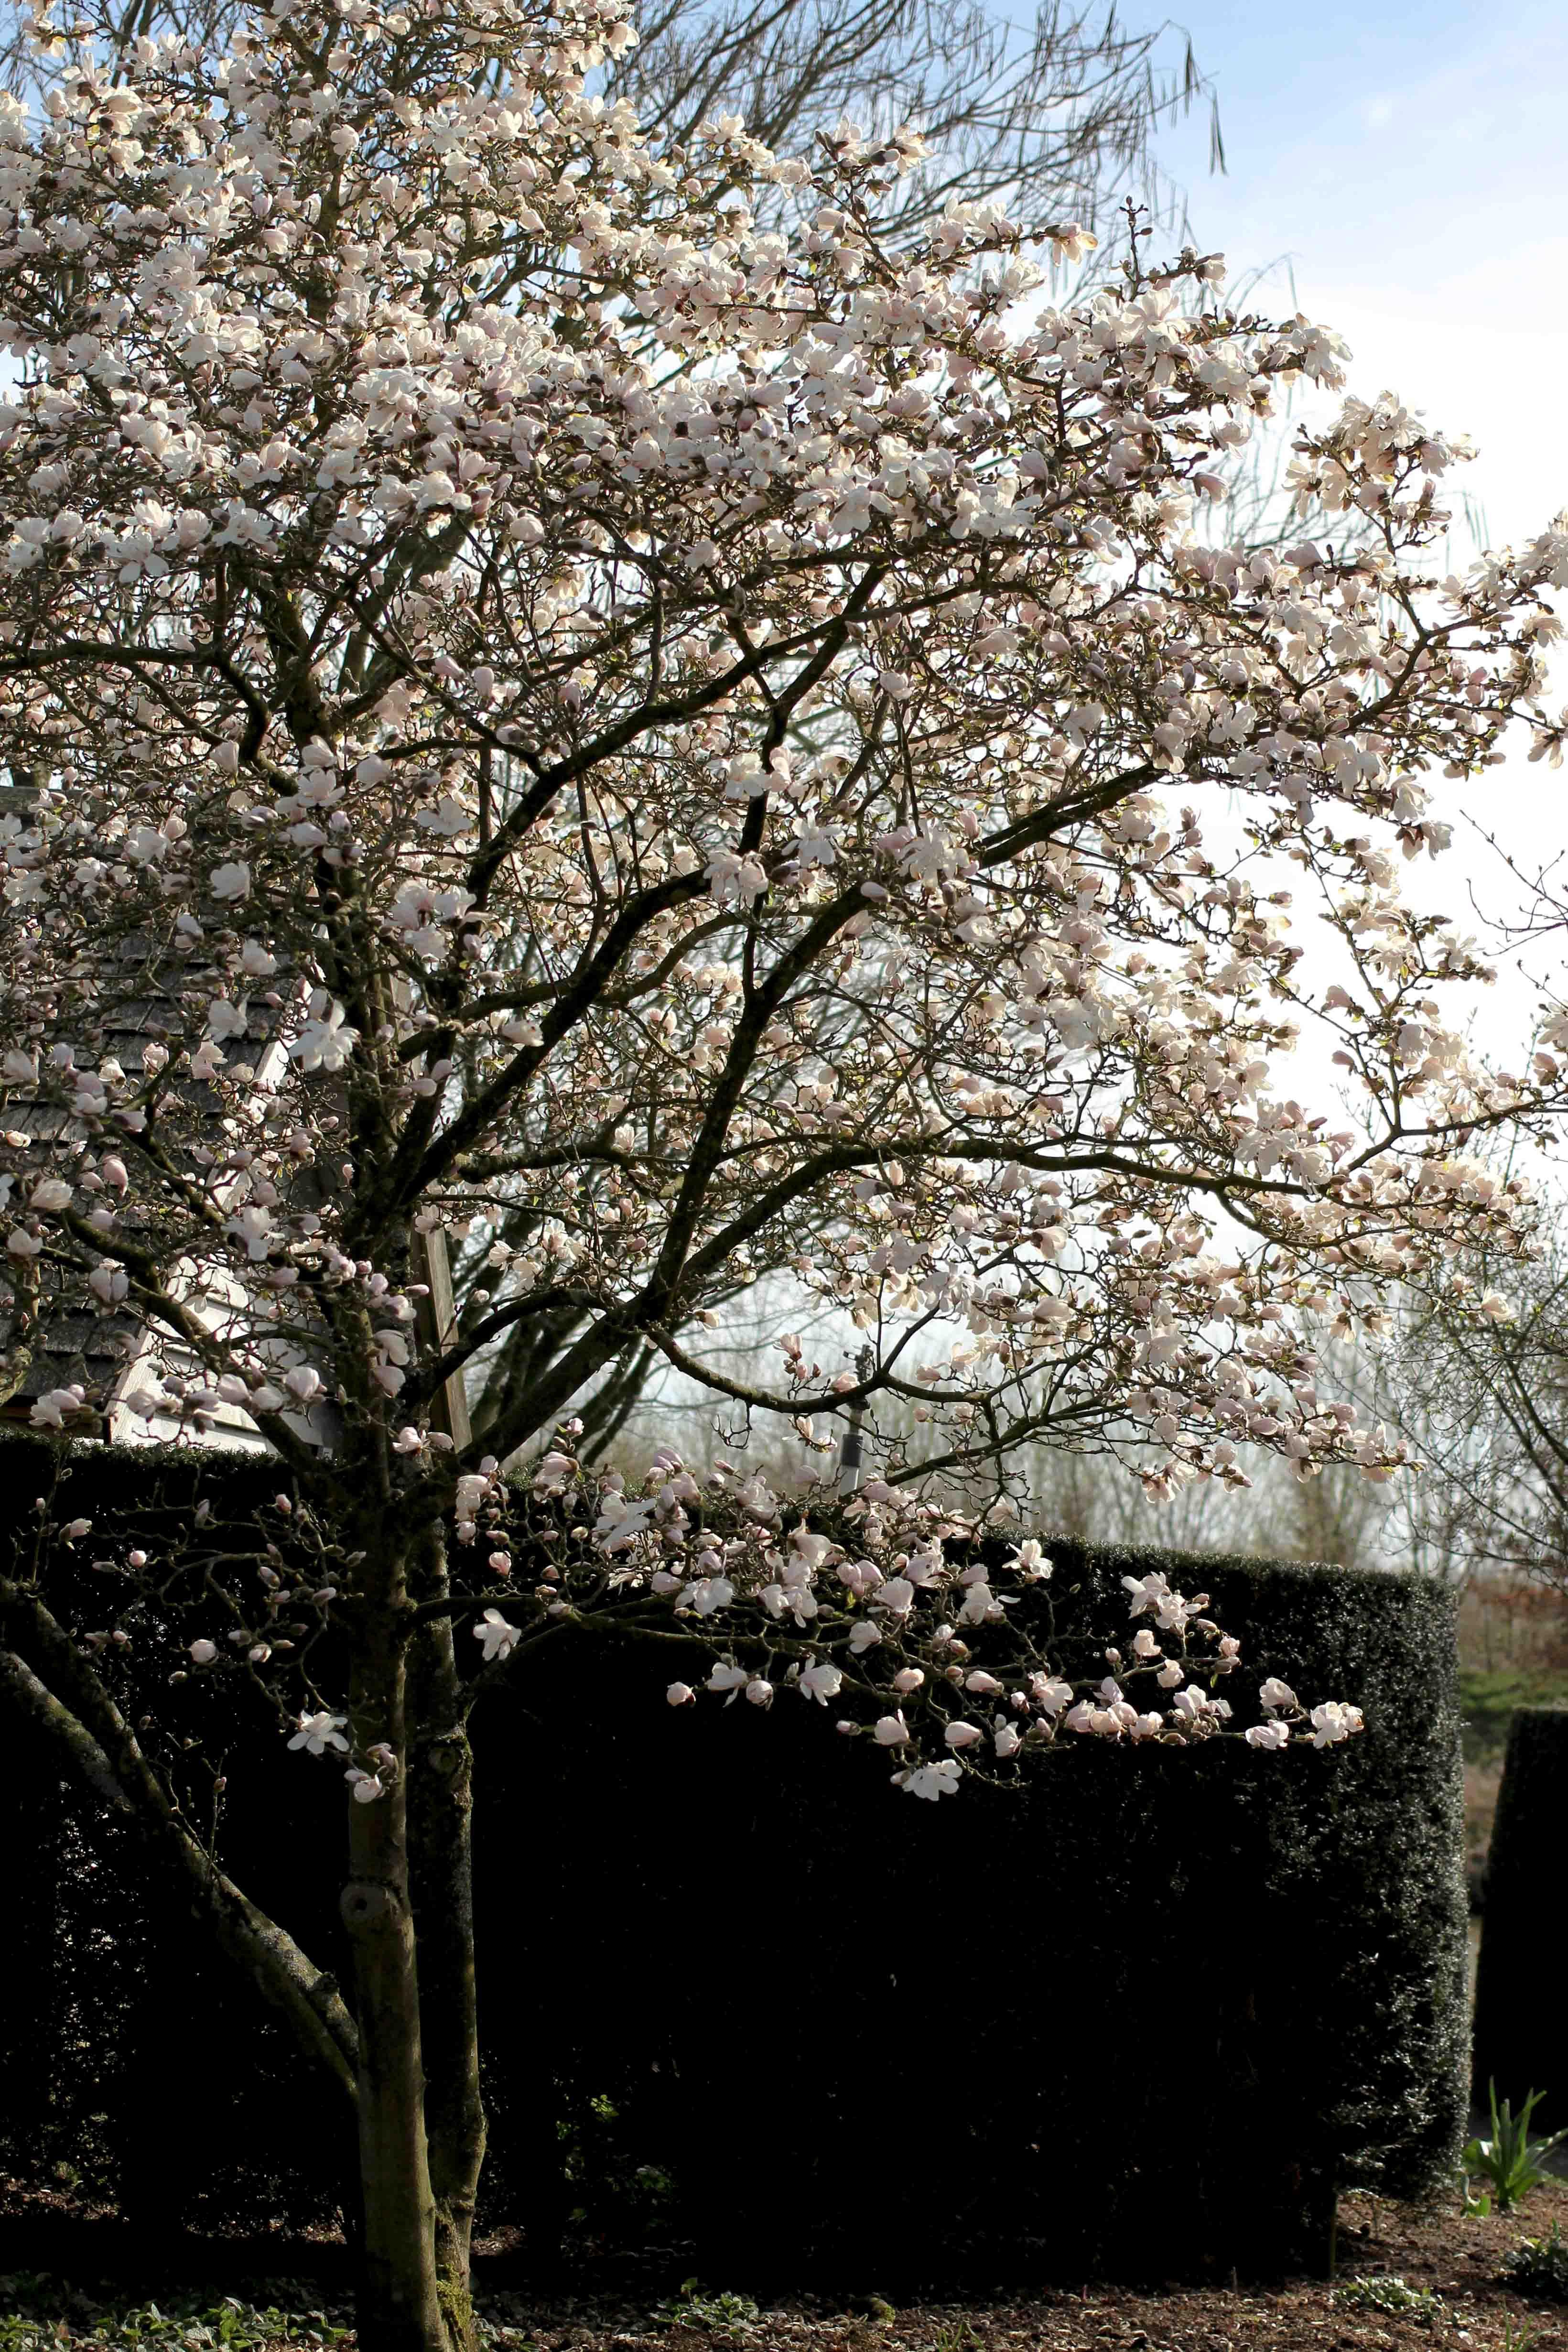 die Gärten von Appeltern Holland Wochenendtrip Tuinen van Appeltern das andere Holland Reiseblog Ausflug Deutschland Baum blüten